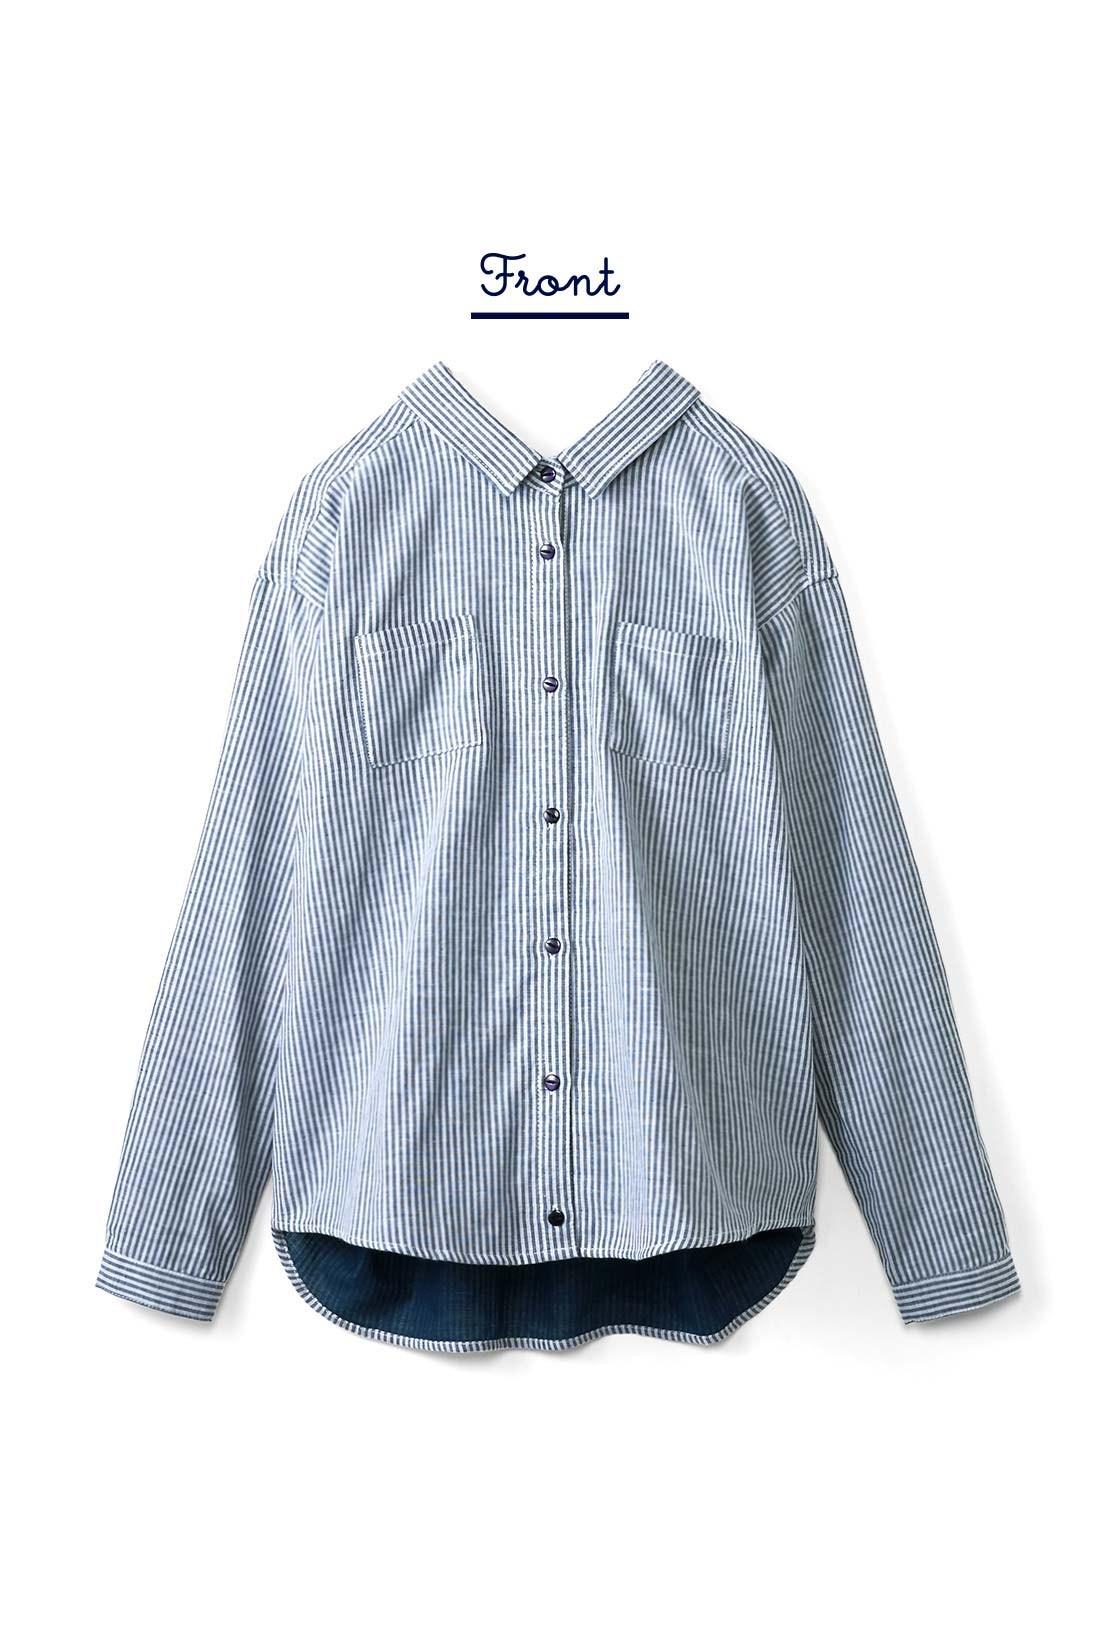 フロントは、胸ポケットが2つ付いてすっきりベーシックな印象。 ※お届けするカラーとは異なります。